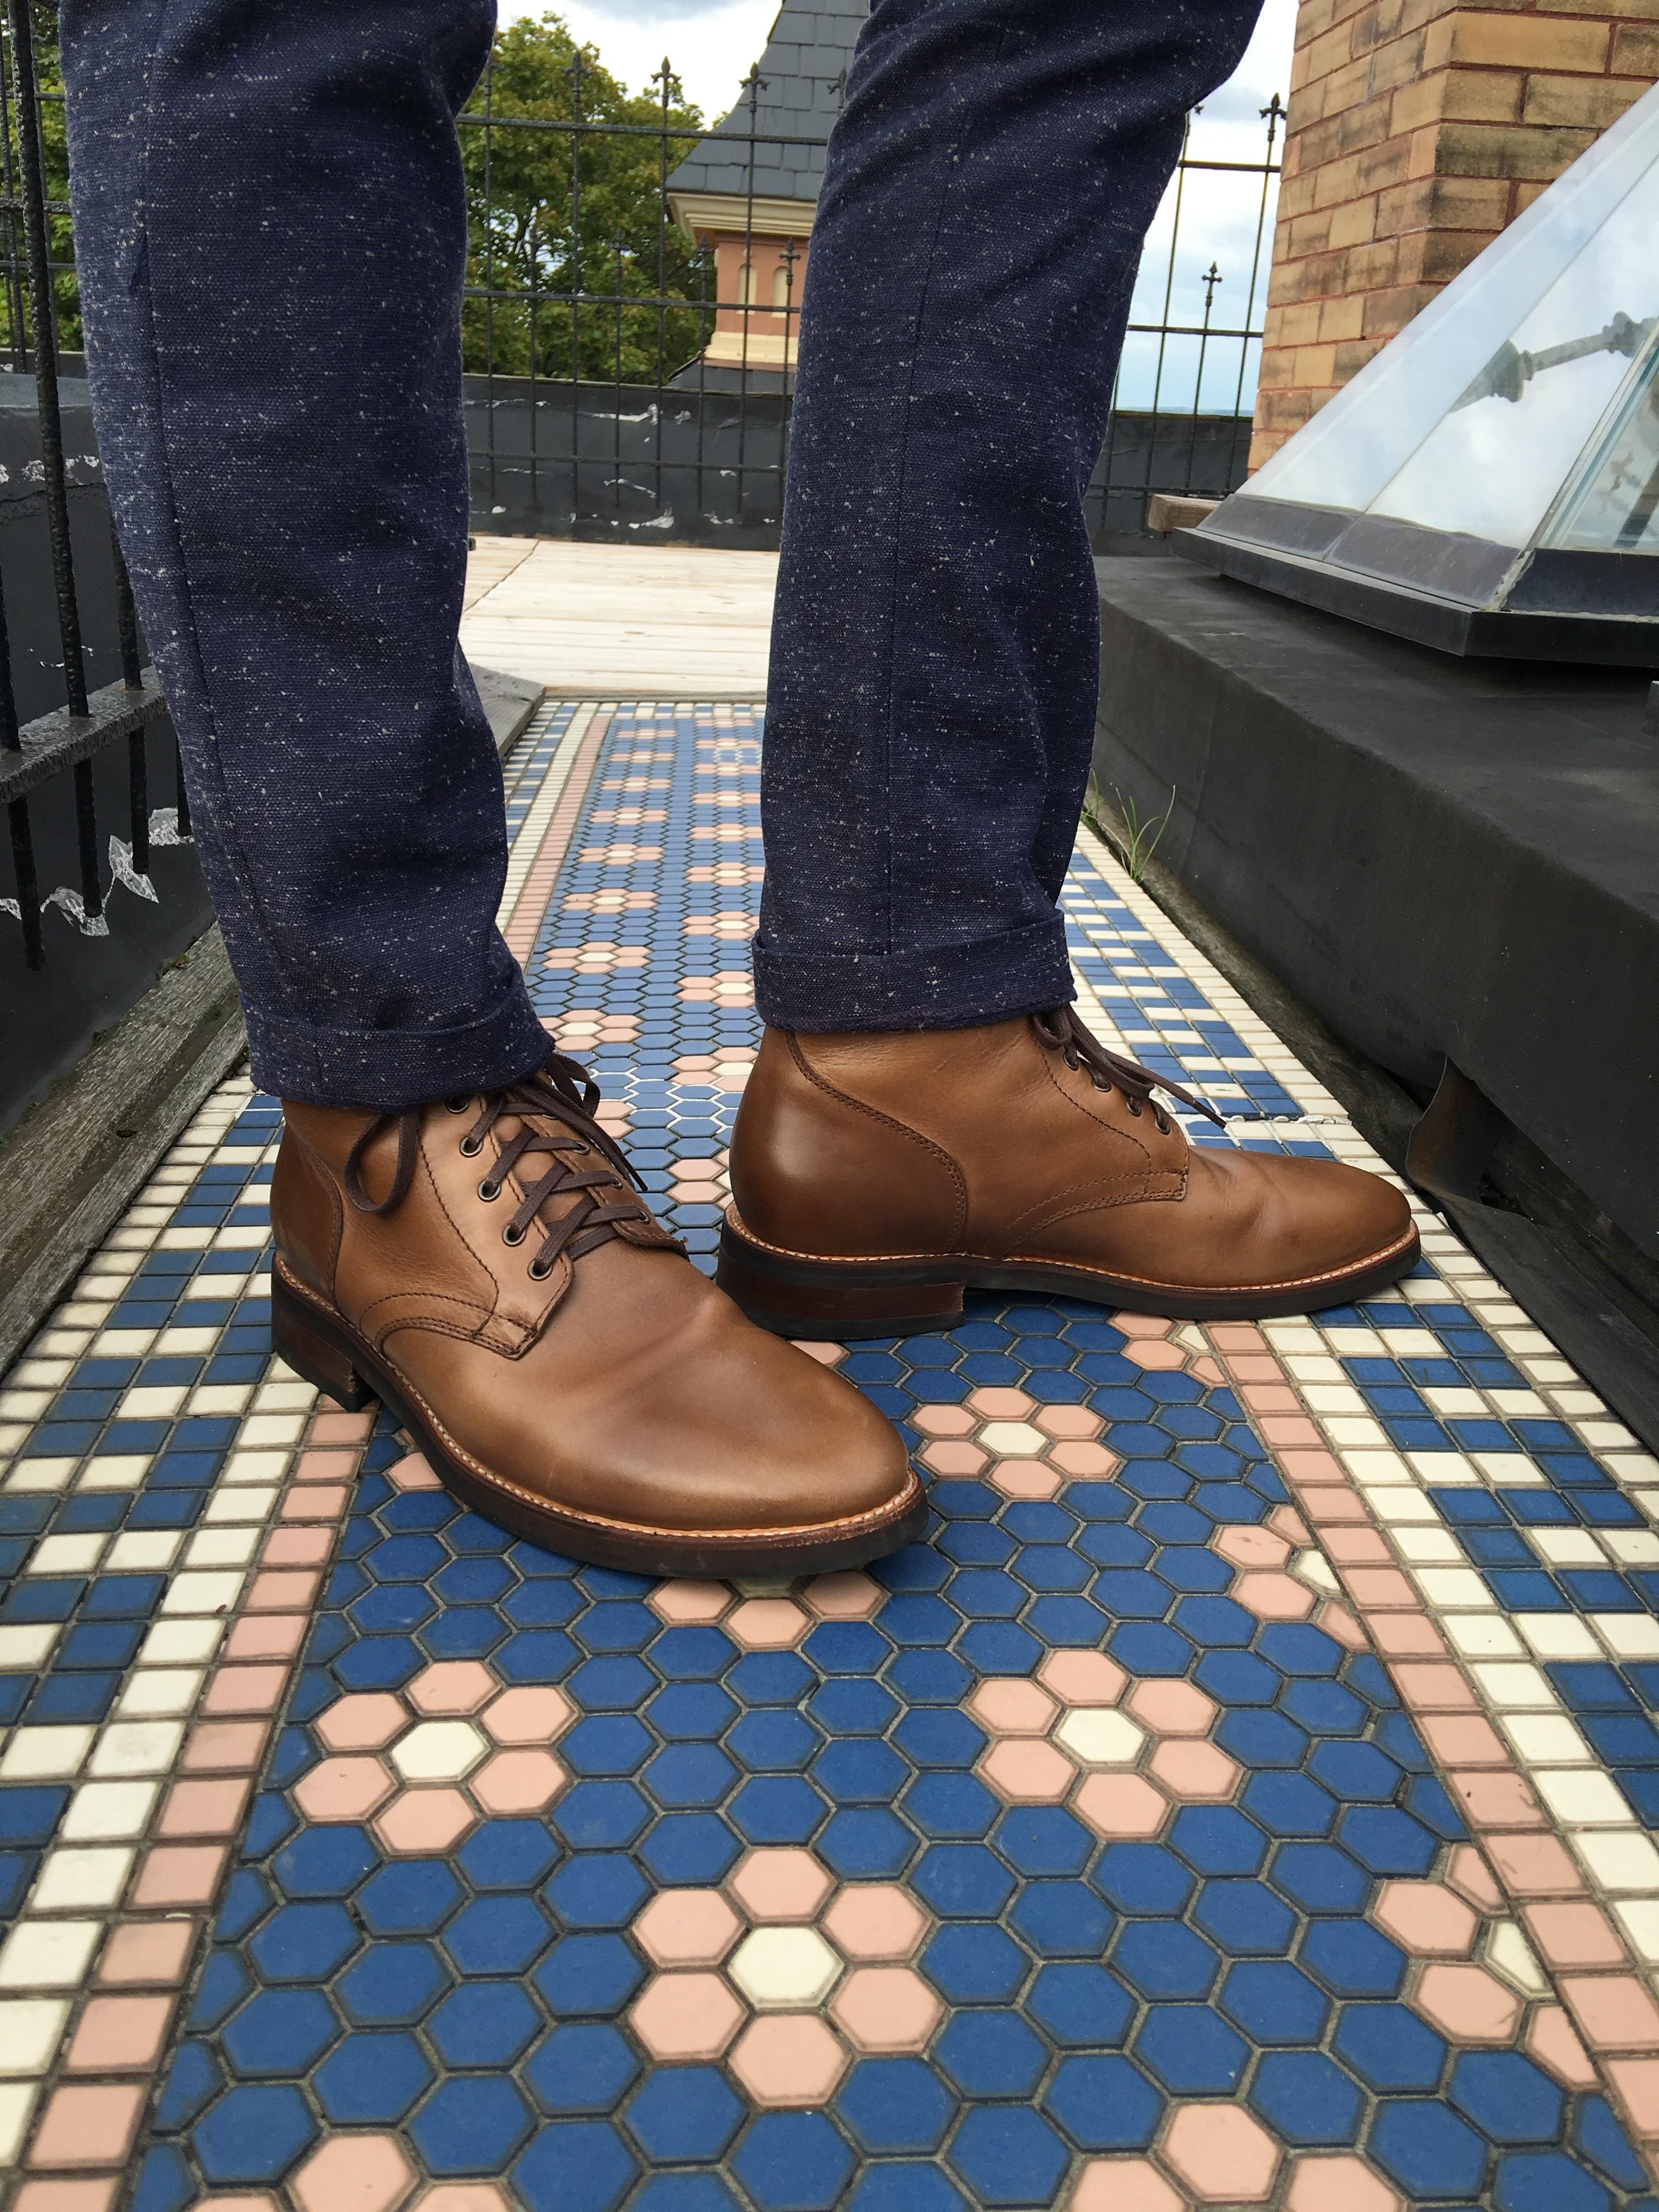 b26f79f4e6e7 Thursday Boot Company - Style Review